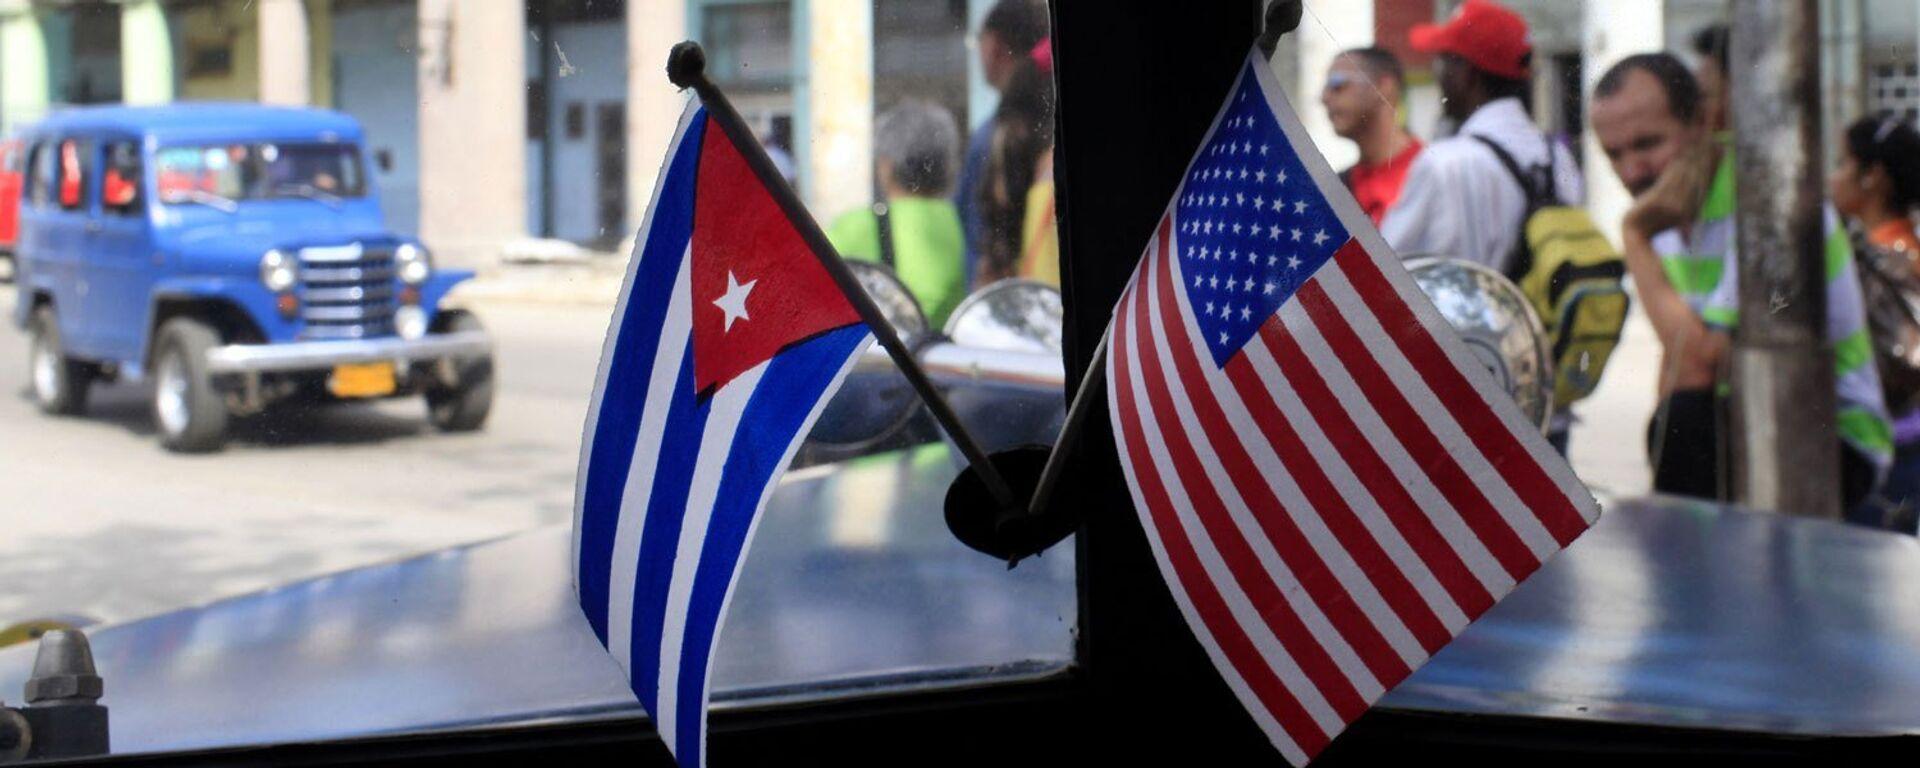 Banderas de EEUU y Cuba - Sputnik Mundo, 1920, 22.07.2021